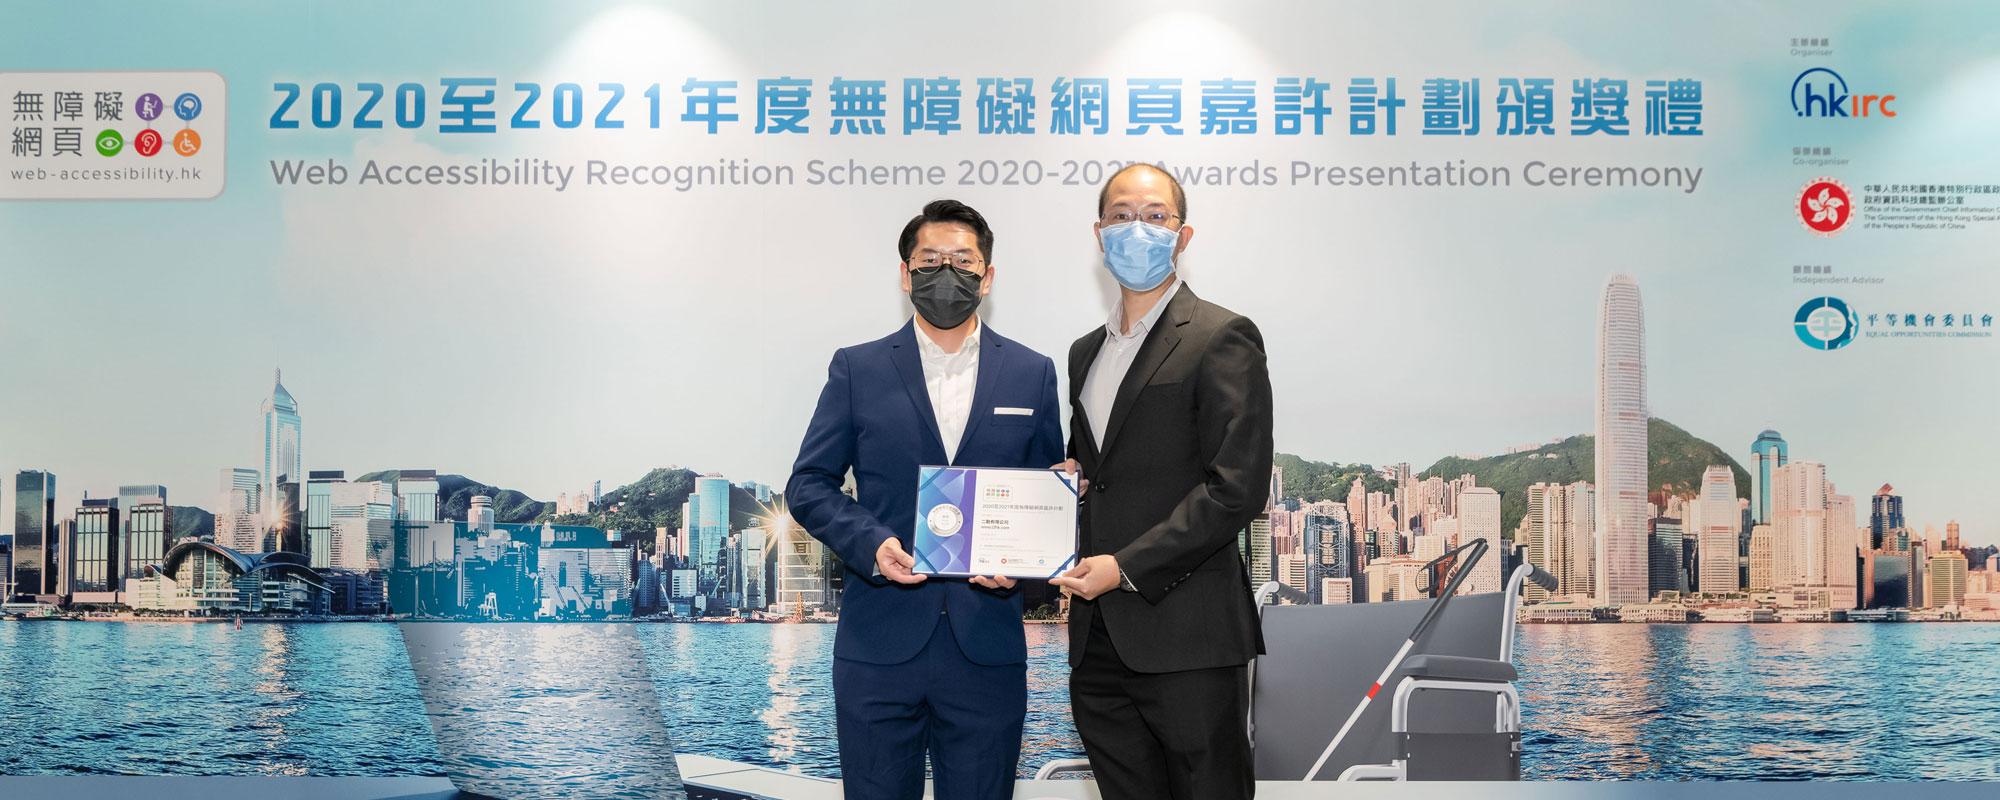 i2榮獲 2020至2021年度無障礙網頁嘉許計劃銀獎